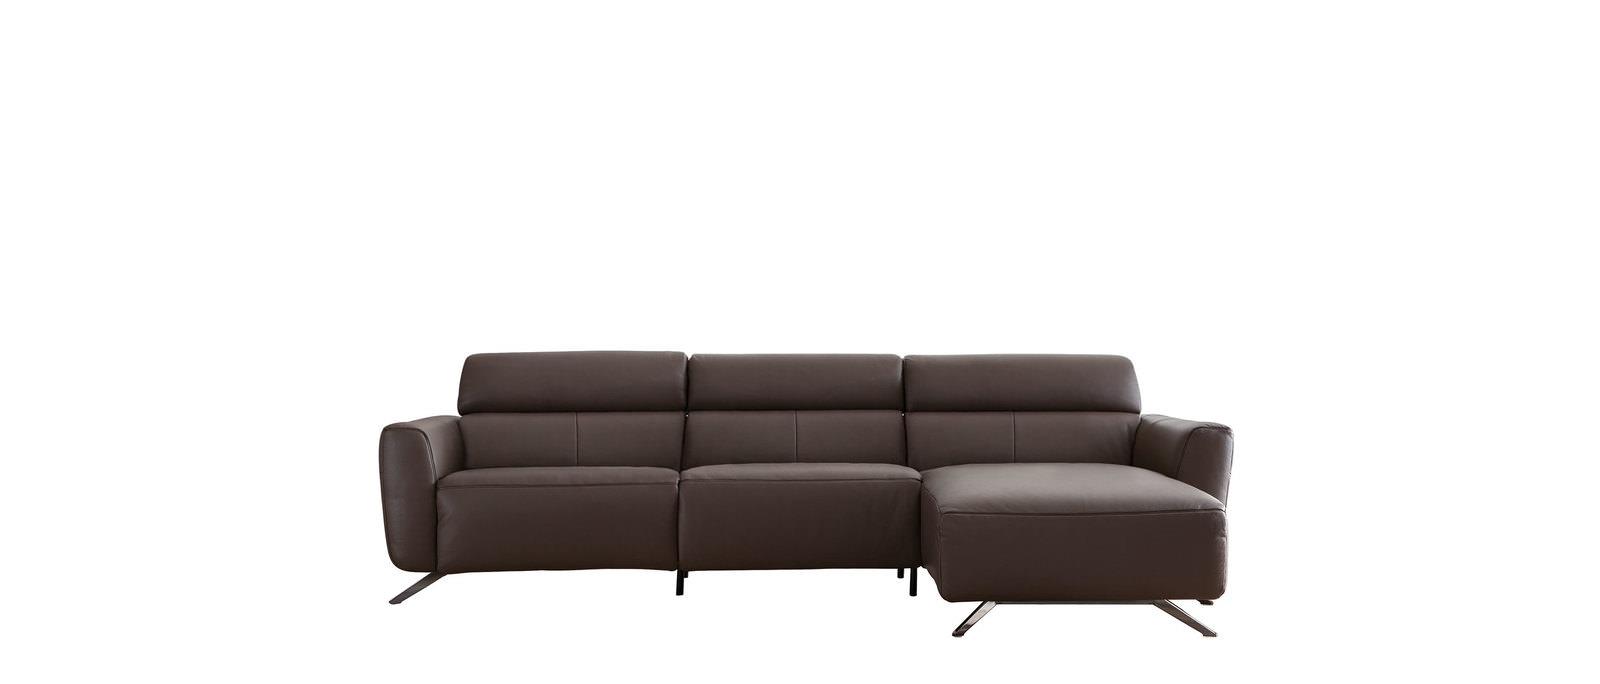 dsign polstergarnitur online entdecken schaffrath ihr. Black Bedroom Furniture Sets. Home Design Ideas